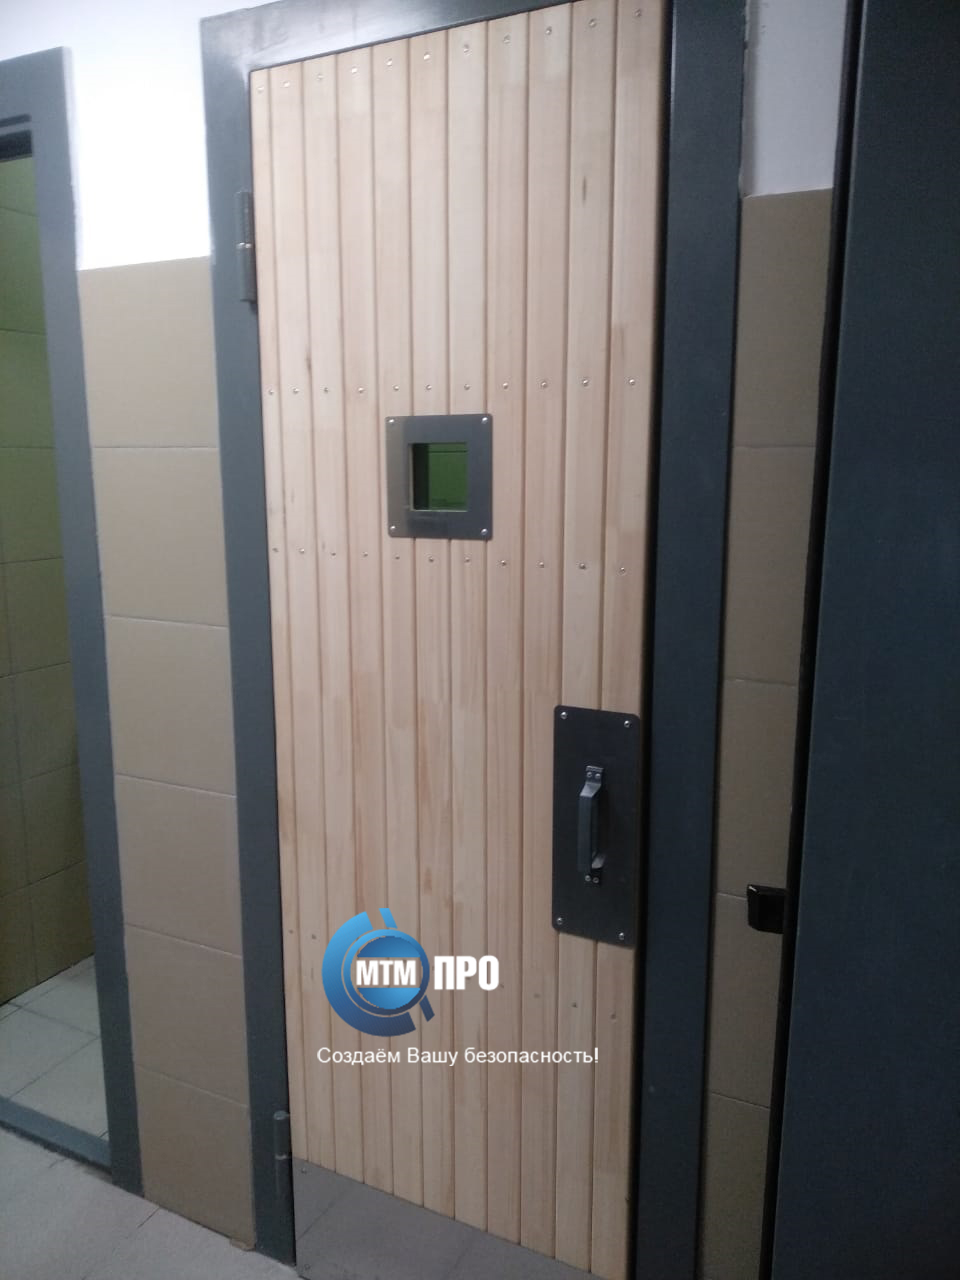 Дверь в туалет подсудимых 2+